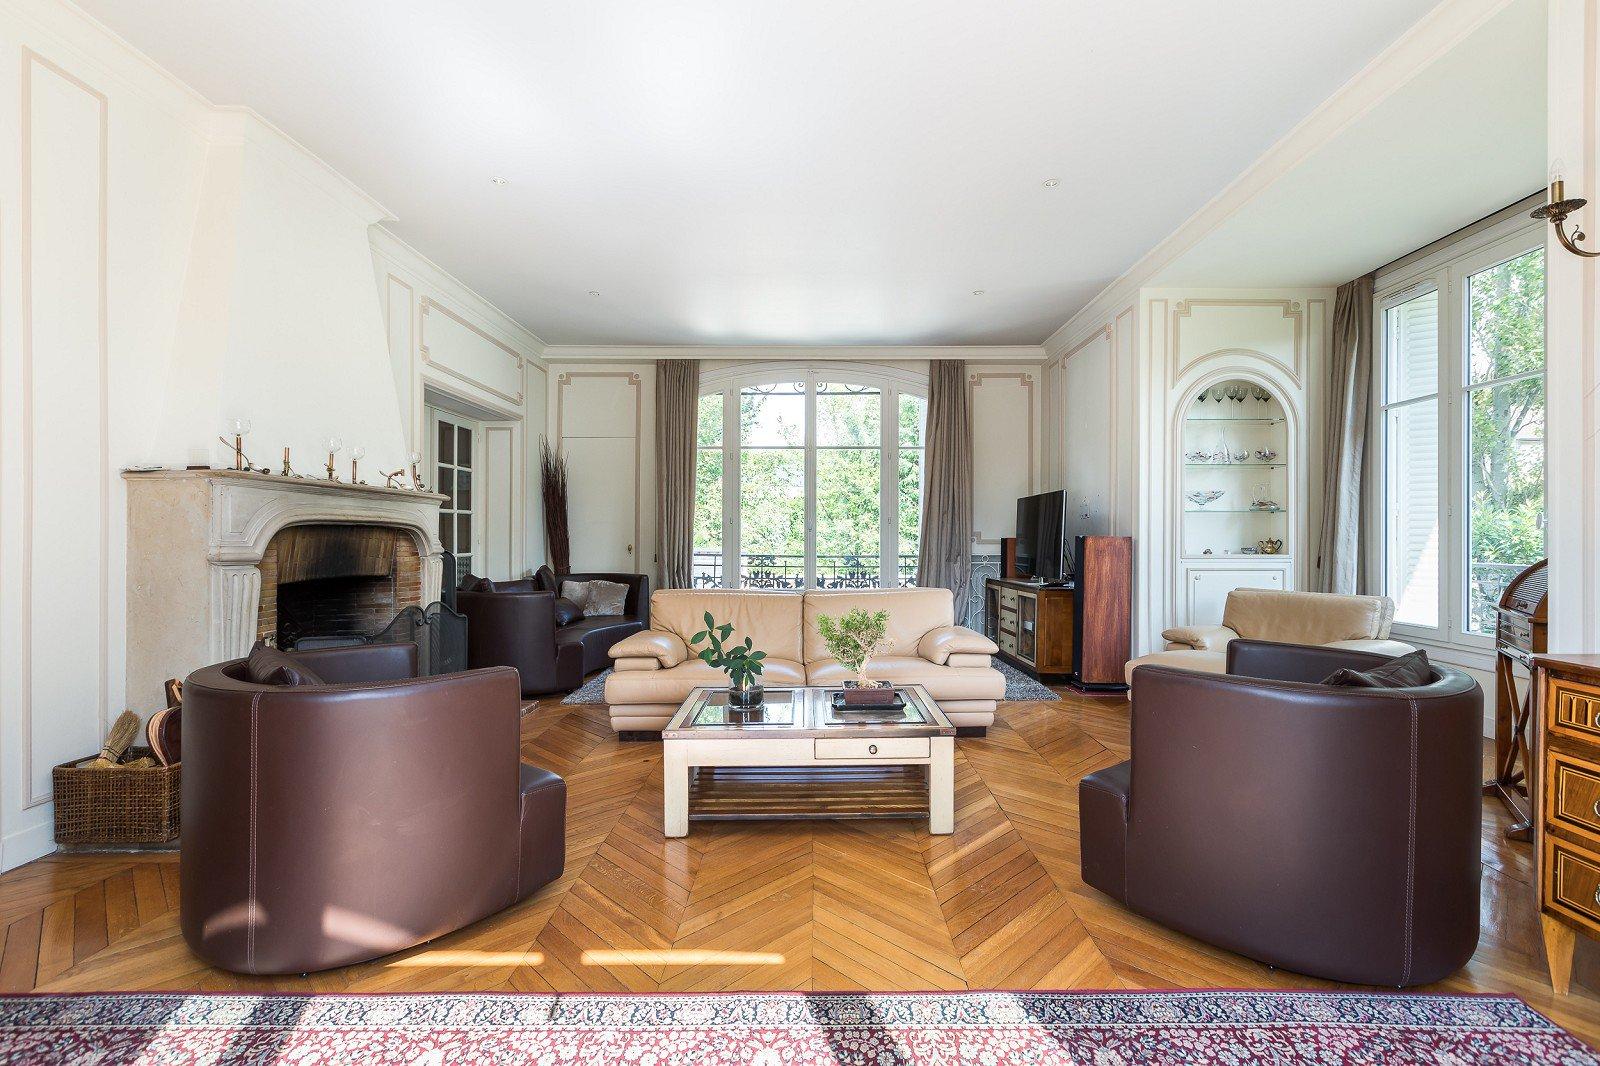 exceptionnelle-propriete-renovee-magnifique-parc-arbore-a-vendre-saint-maur-les-fosses-dependance-amenagee-magnifique-terrasse-materiaux-nobles